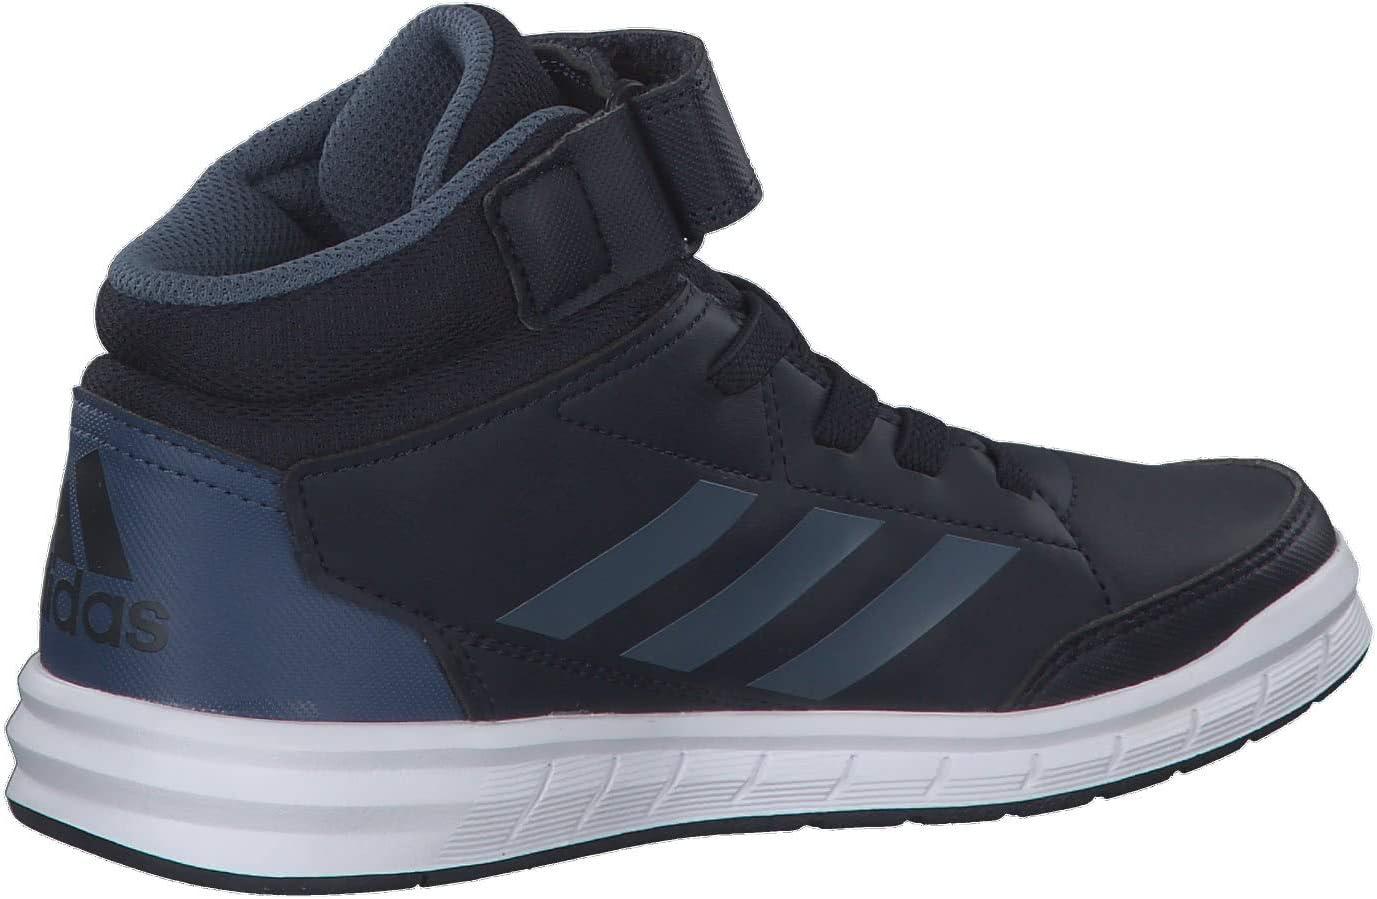 adidas Chaussures Kid AltaSport Mid